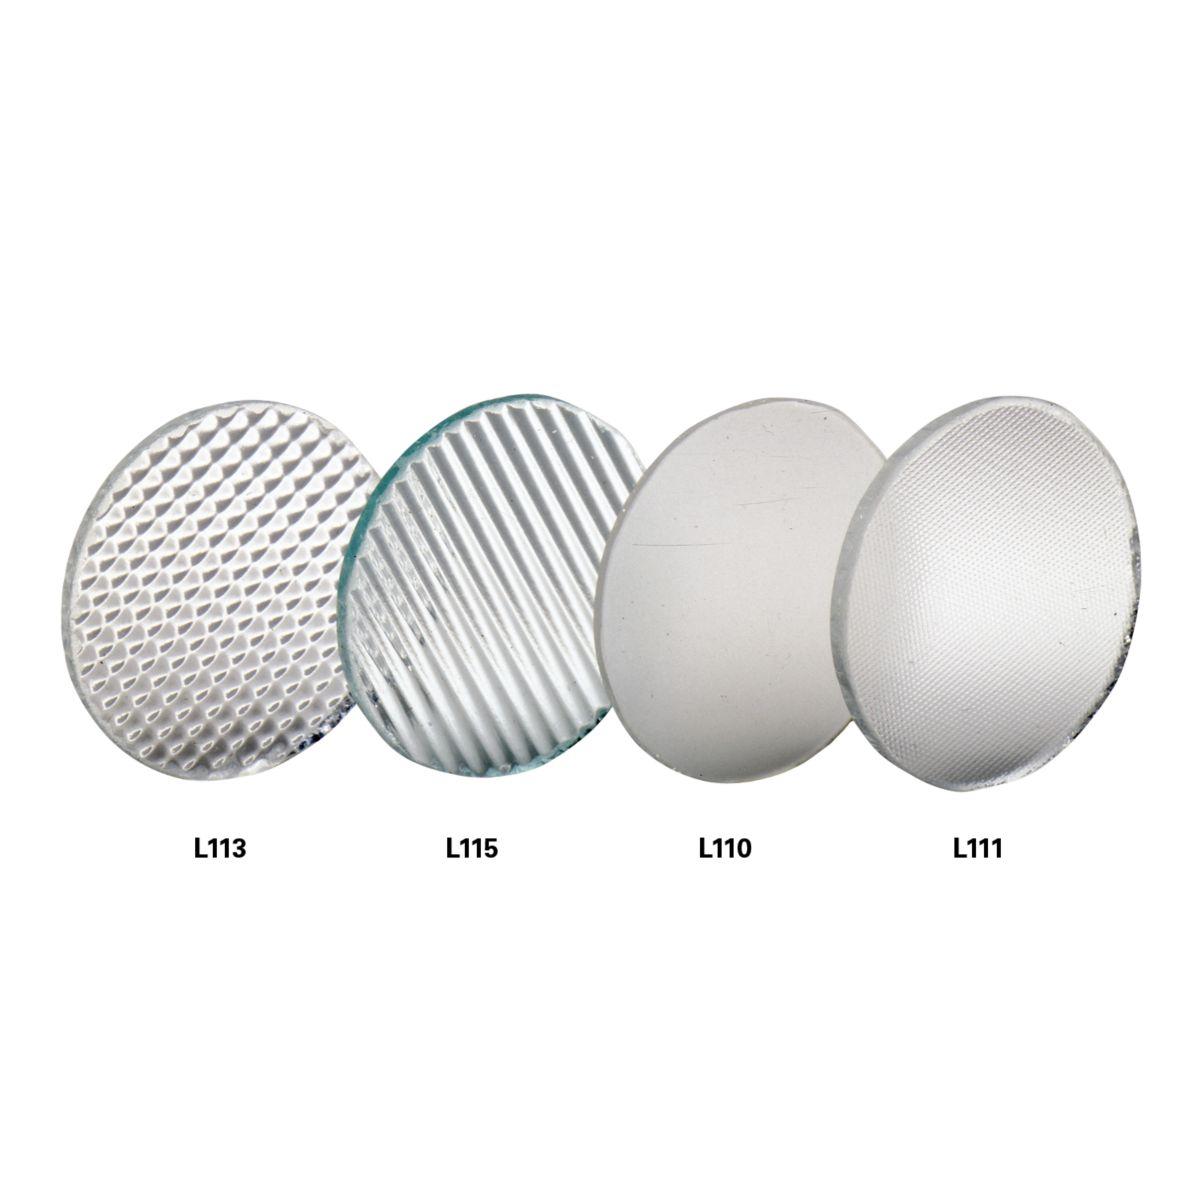 Beam Modifying Lenses